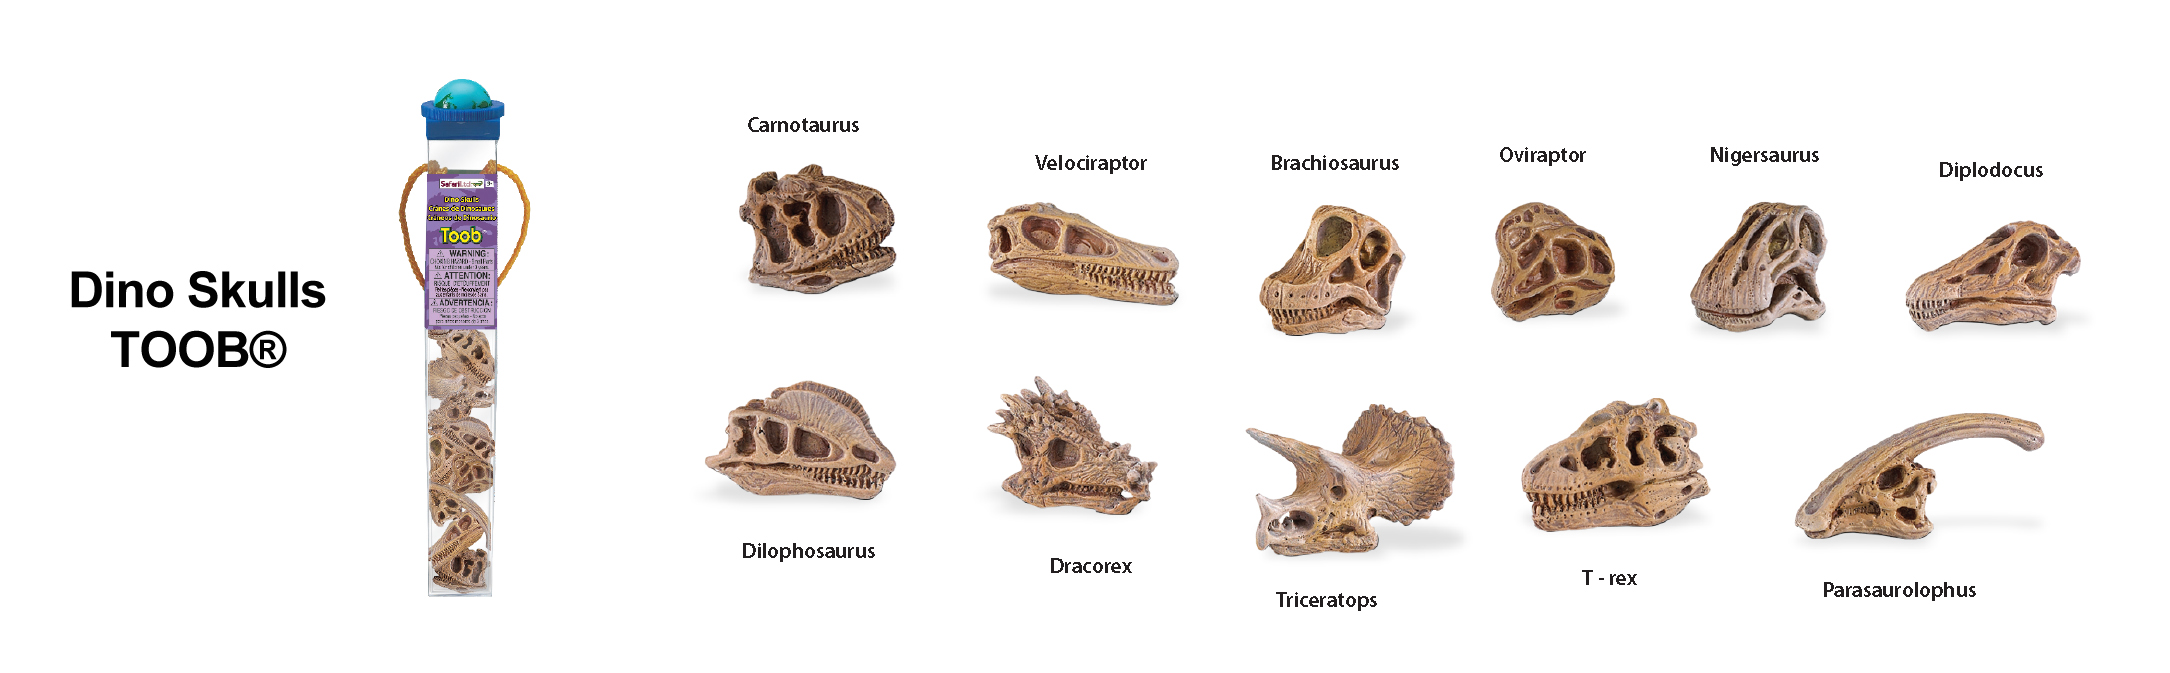 Dino Skulls TOOB Key (Image from Safari Ltd.)